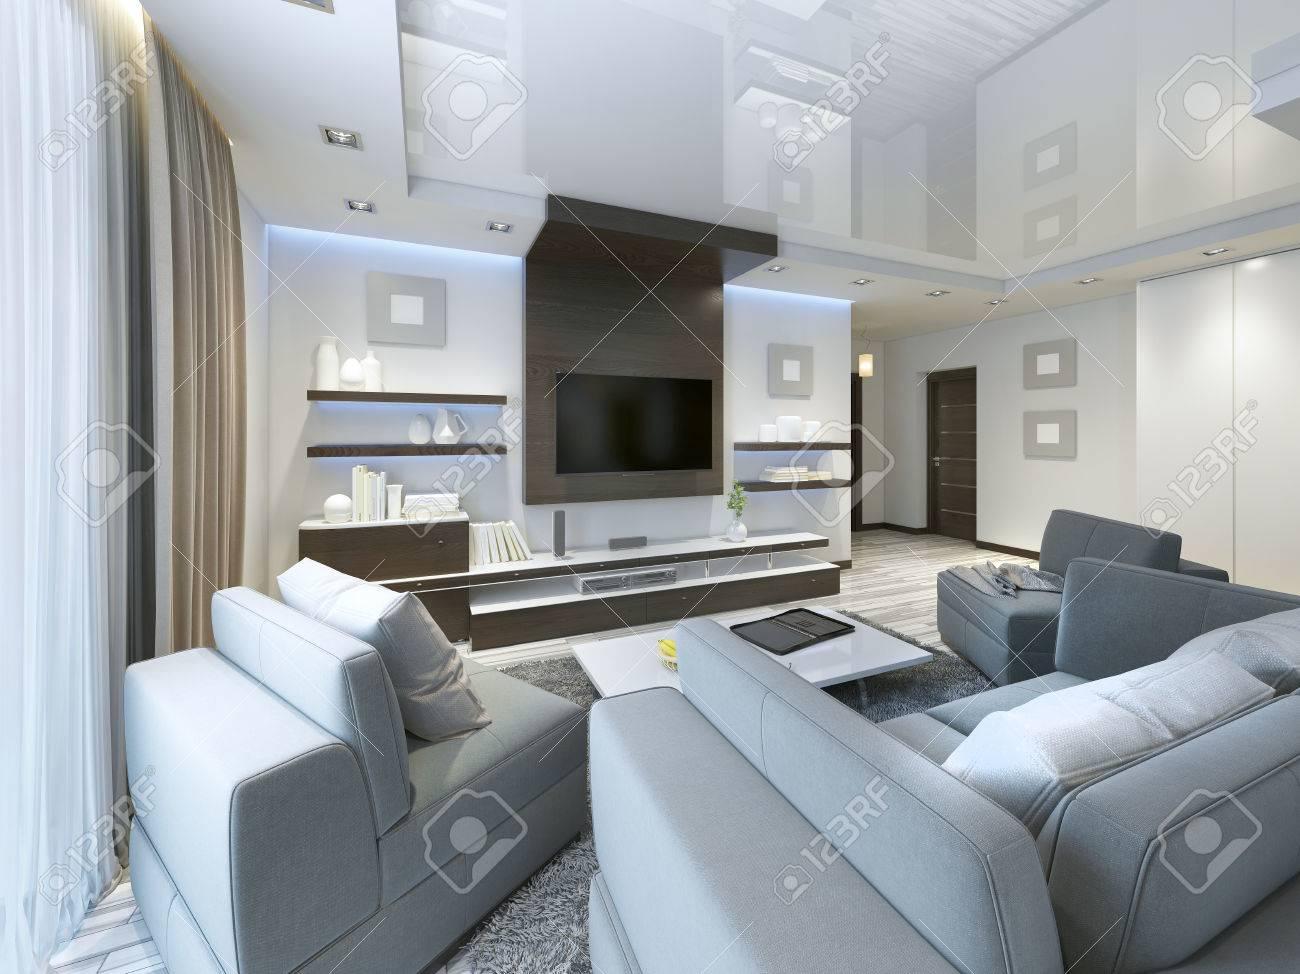 Audio System Mit TV Und Regale Im Wohnzimmer Im Modernen Stil.  Holzverblendung Möbel In